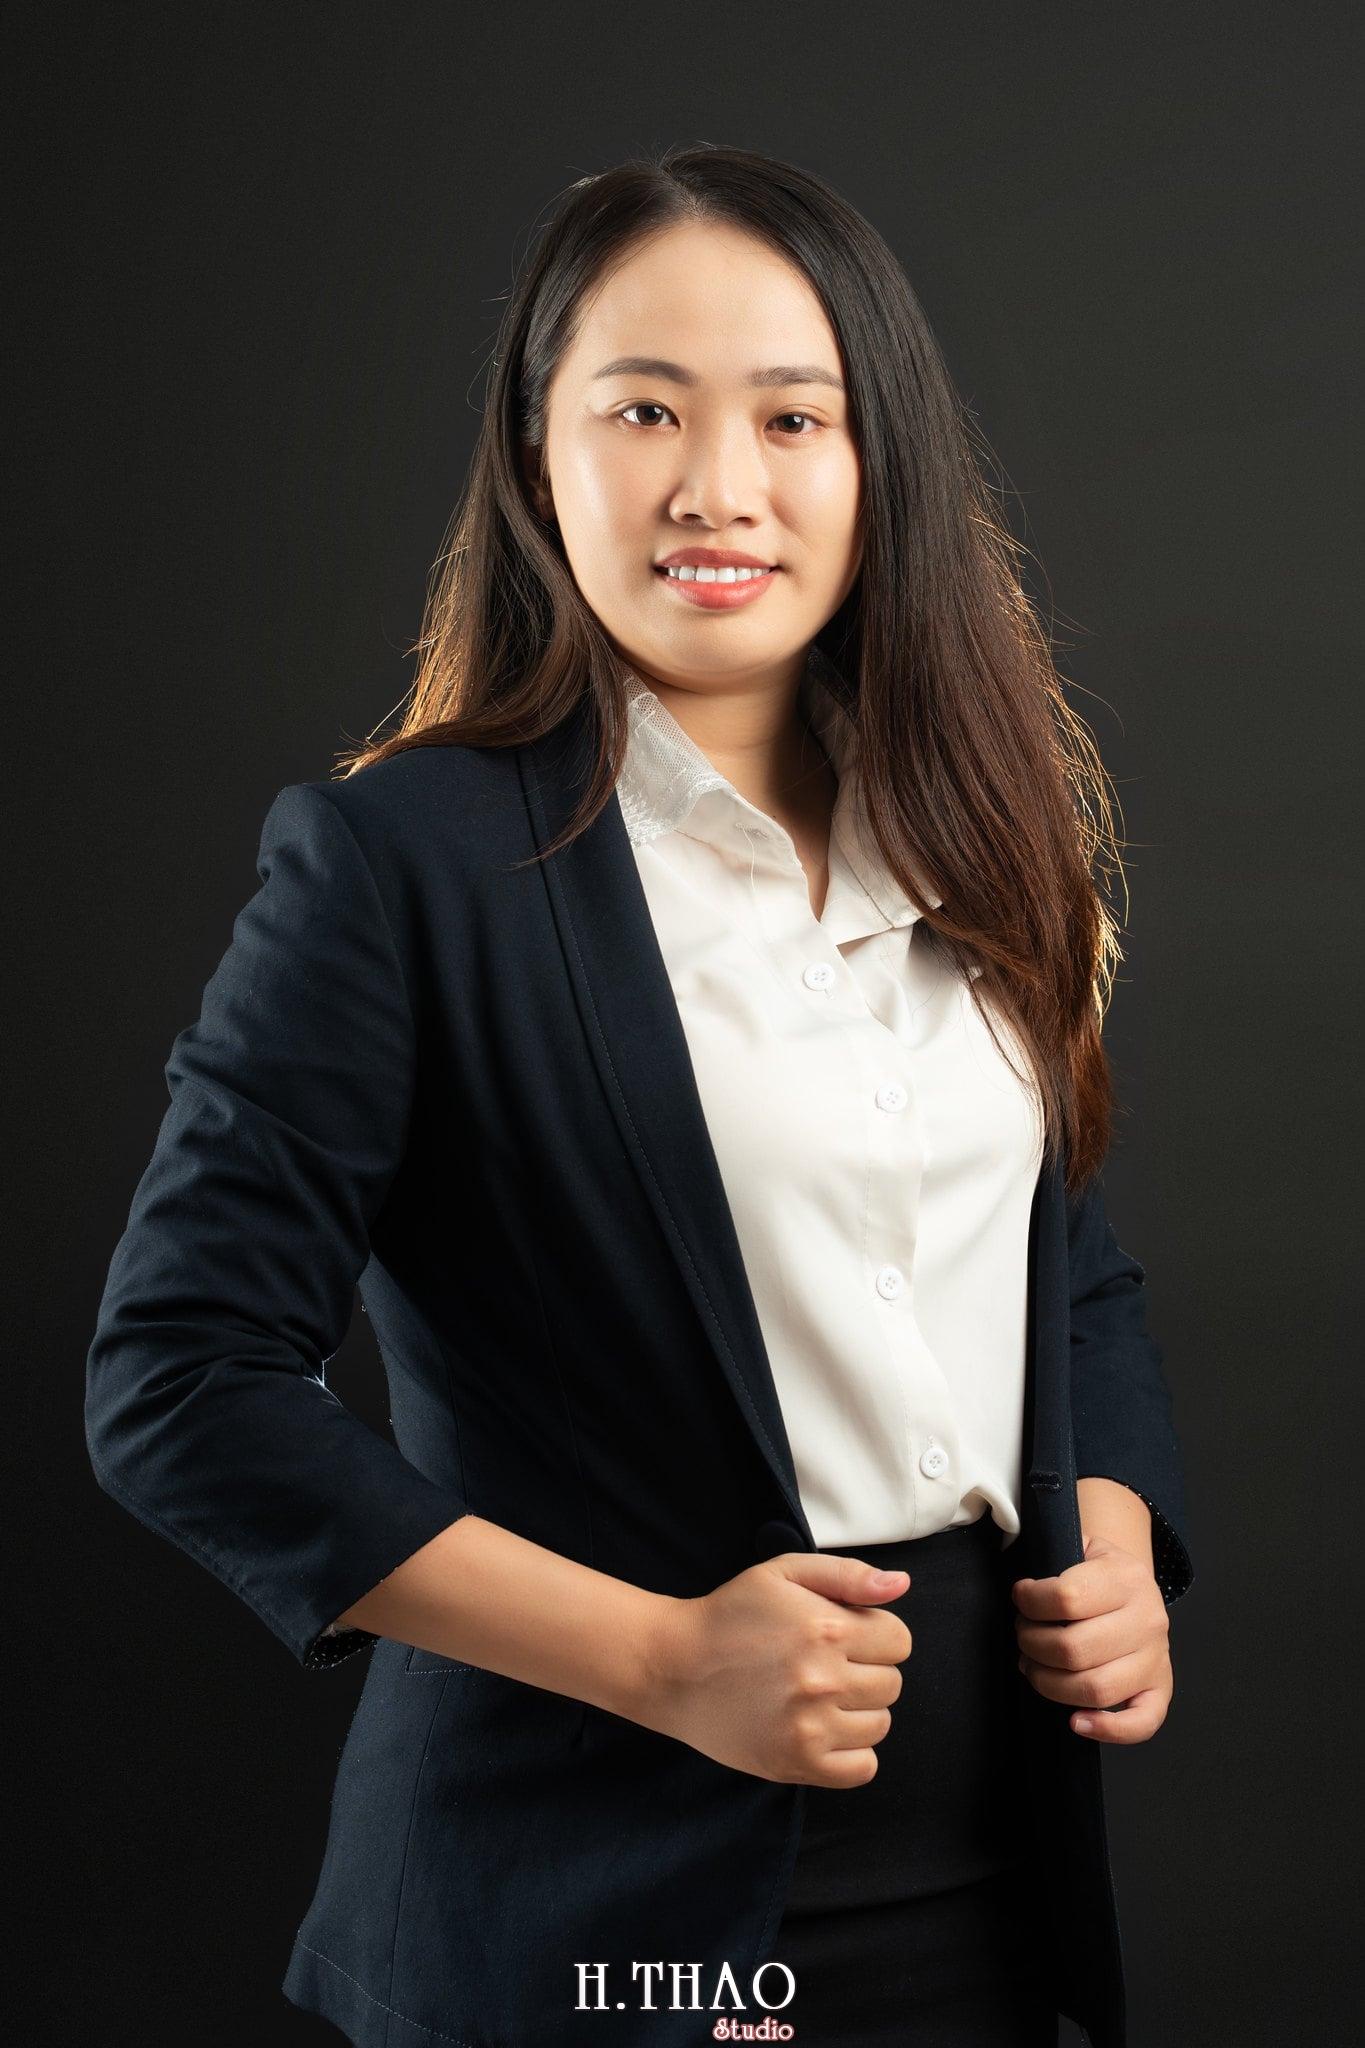 Anh Profile 600k 3 - Tổng hợp ảnh profile cá nhân gói chụp 600k- HThao Studio